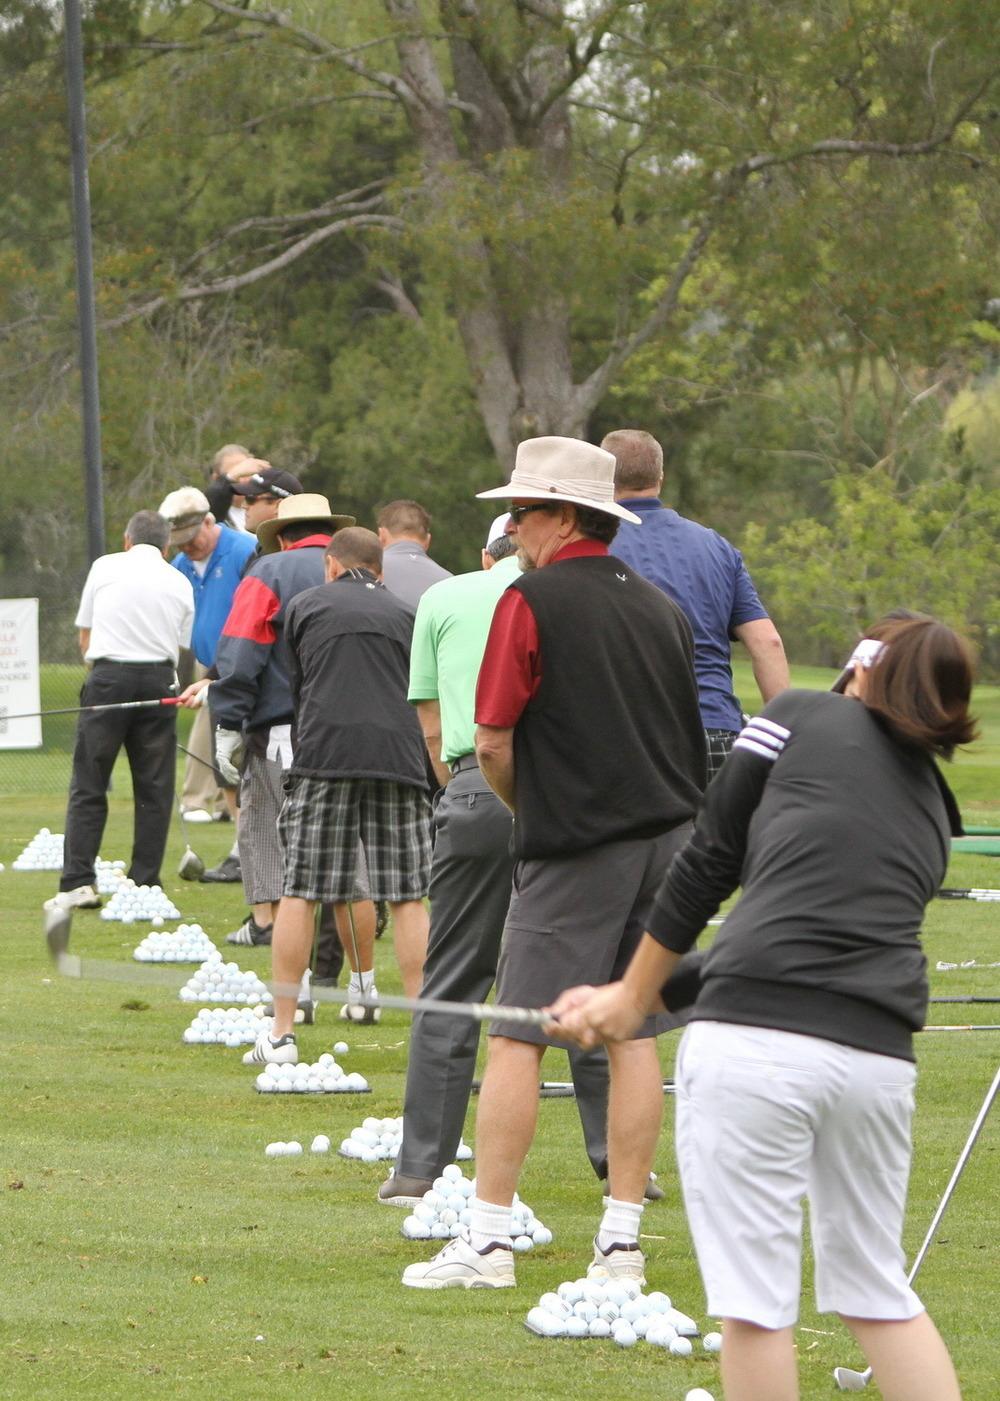 Golfer's Warming Up